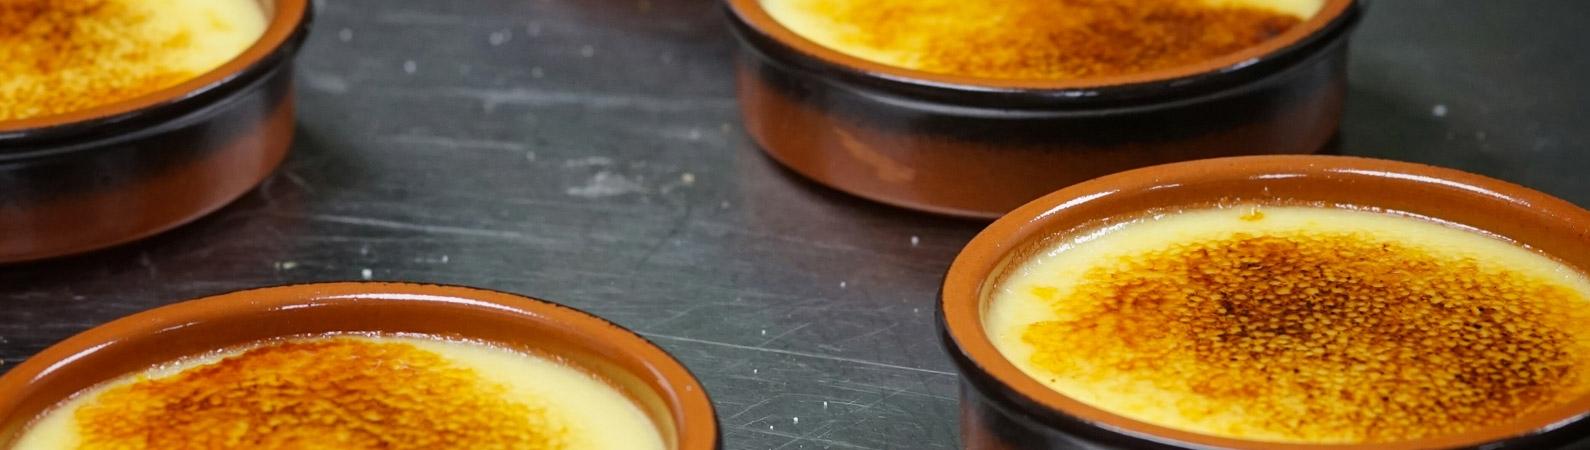 Mélange d'épices pour crème brulée